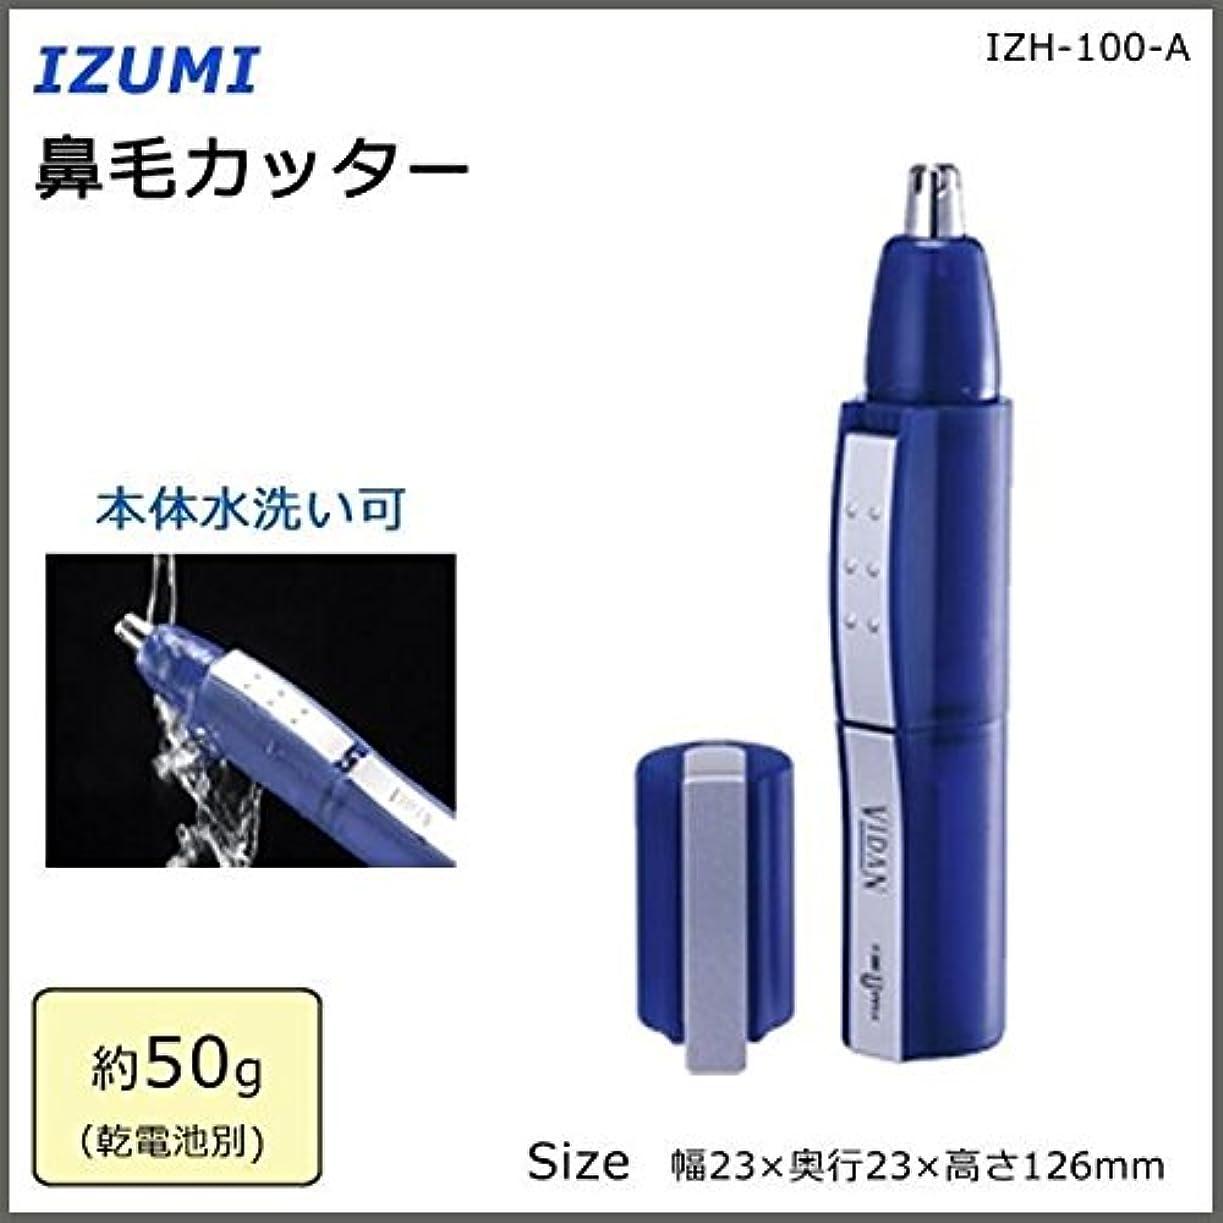 メトロポリタンはっきりしない道徳教育IZUMI 鼻毛カッター IZH-100-A